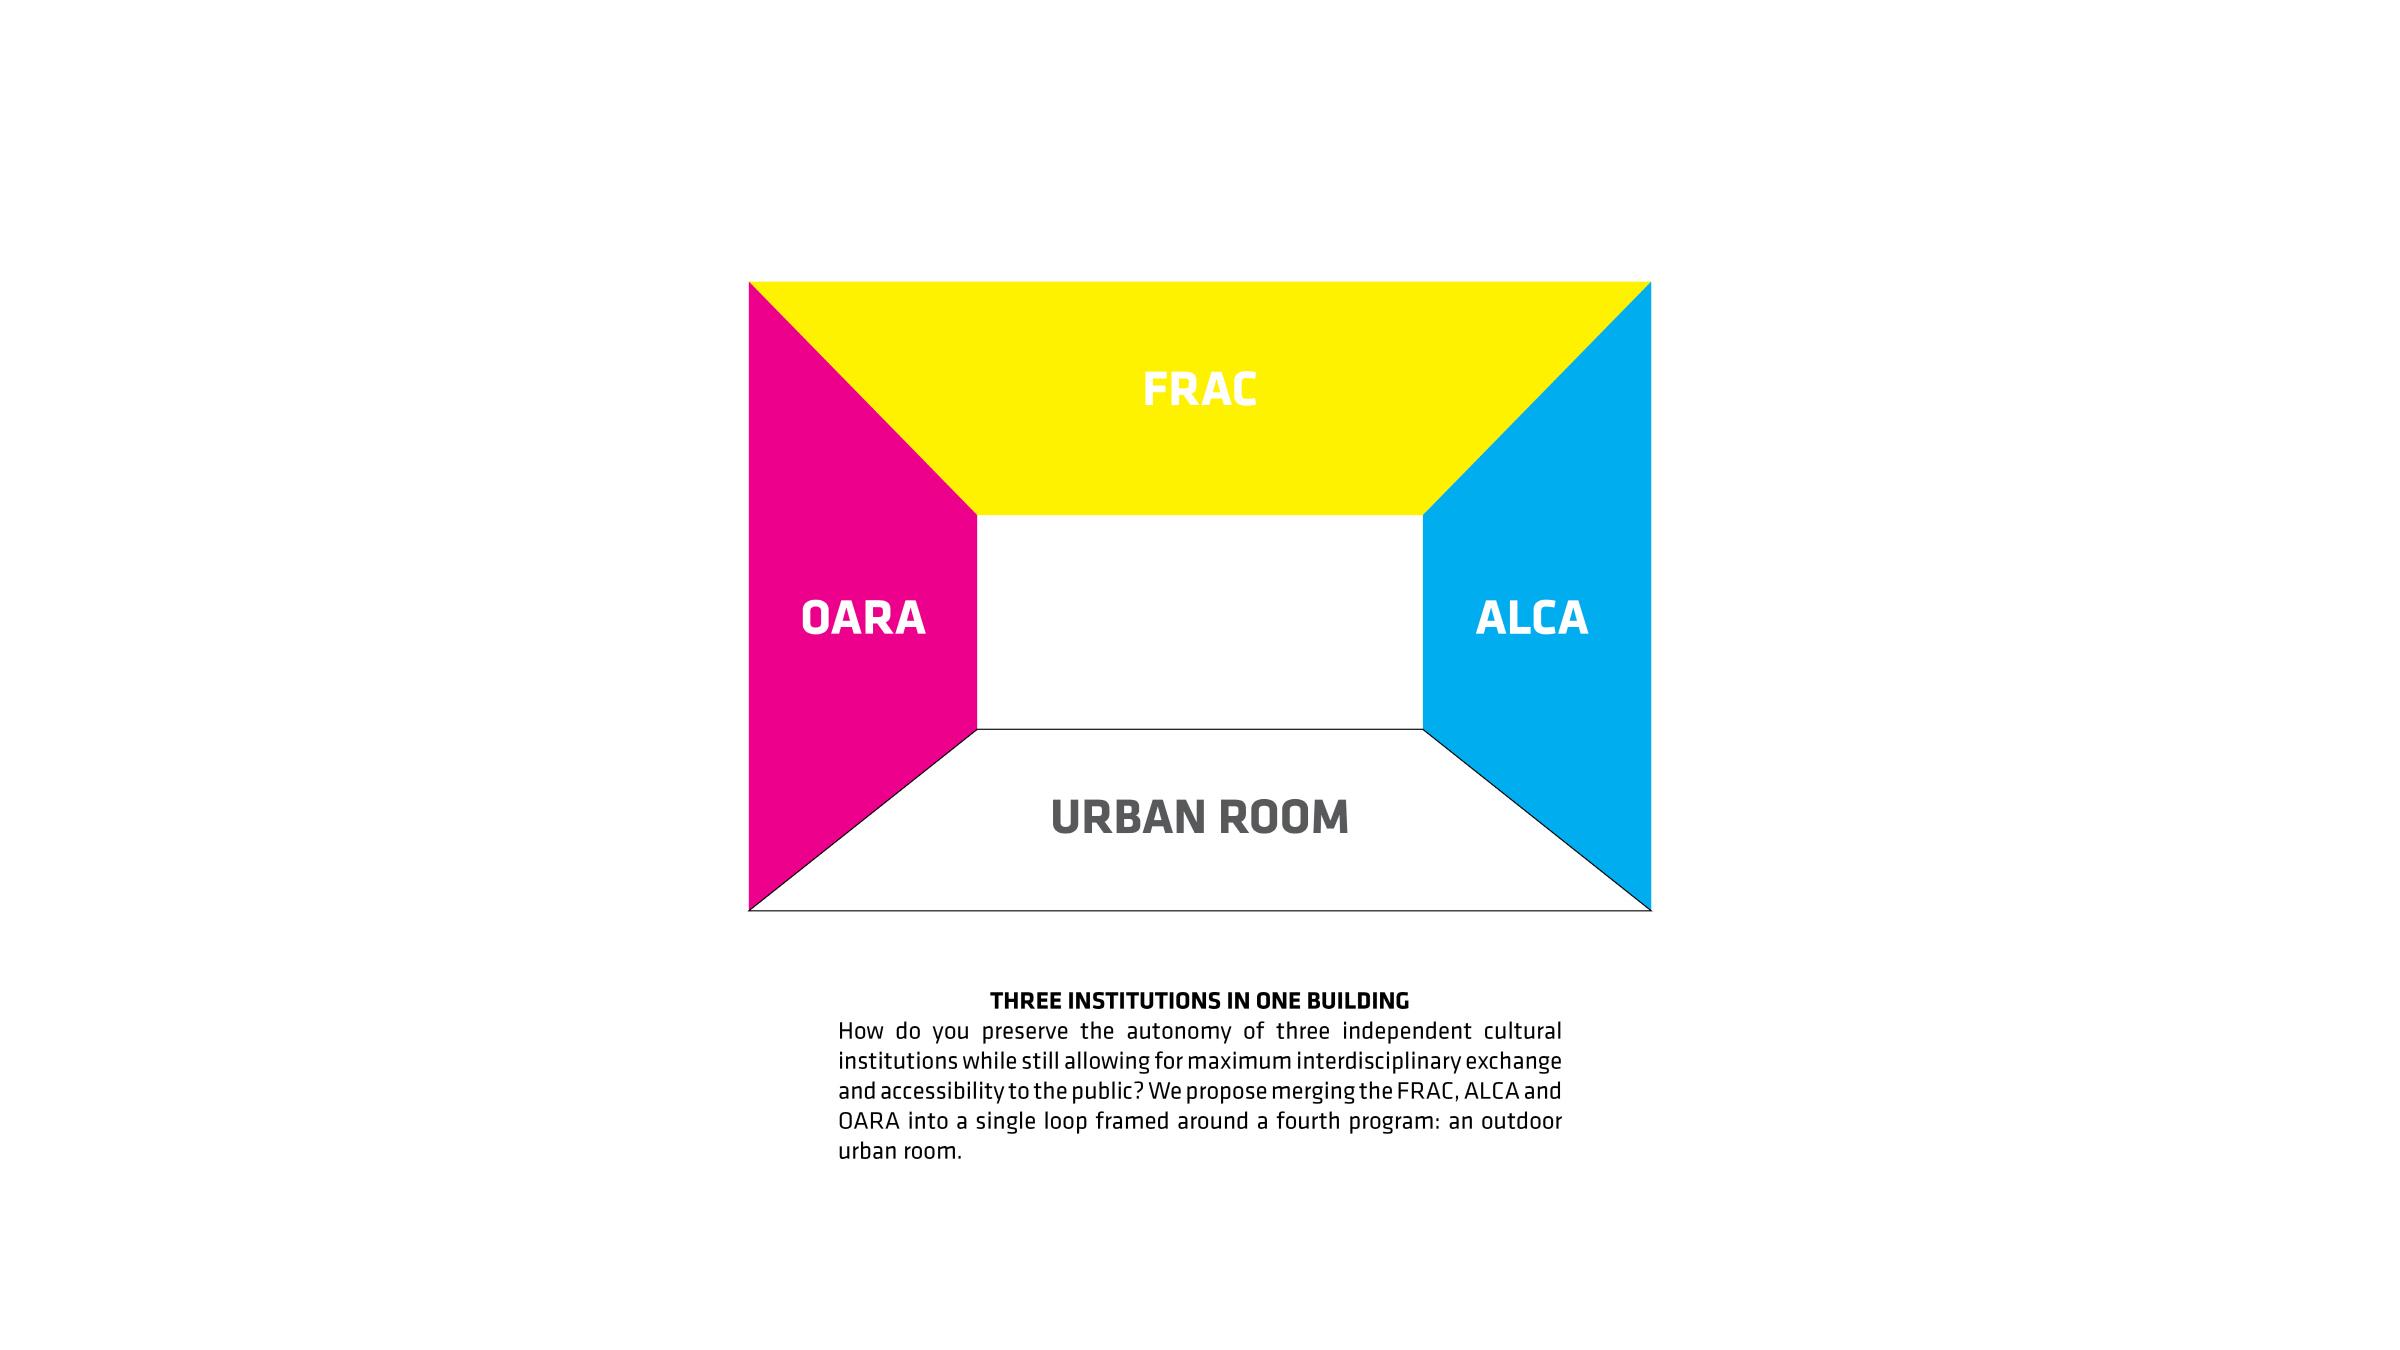 〔안정원의 건축 칼럼〕 어번룸으로 통합한 입체적인 도시 공간 복합문화센터, 메카구조읽기 2